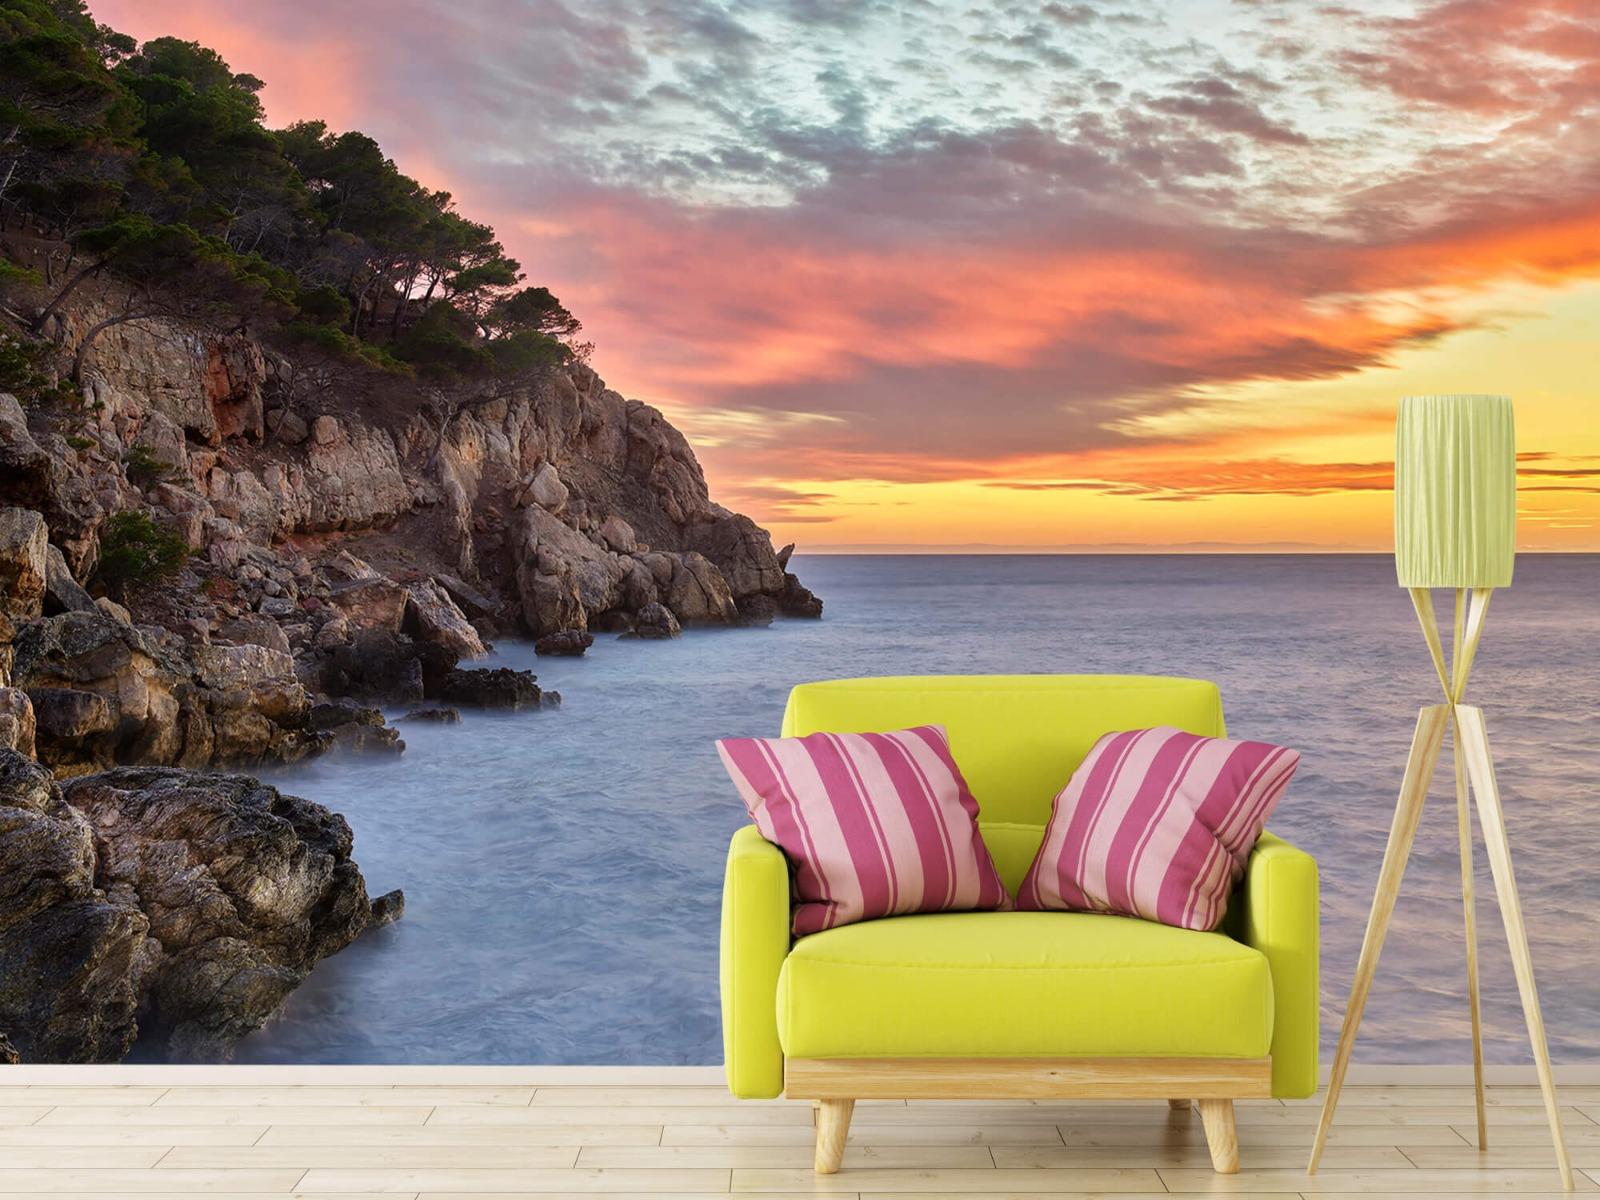 Zeeën en Oceanen - Kleurrijke zonsondergang - Slaapkamer 18